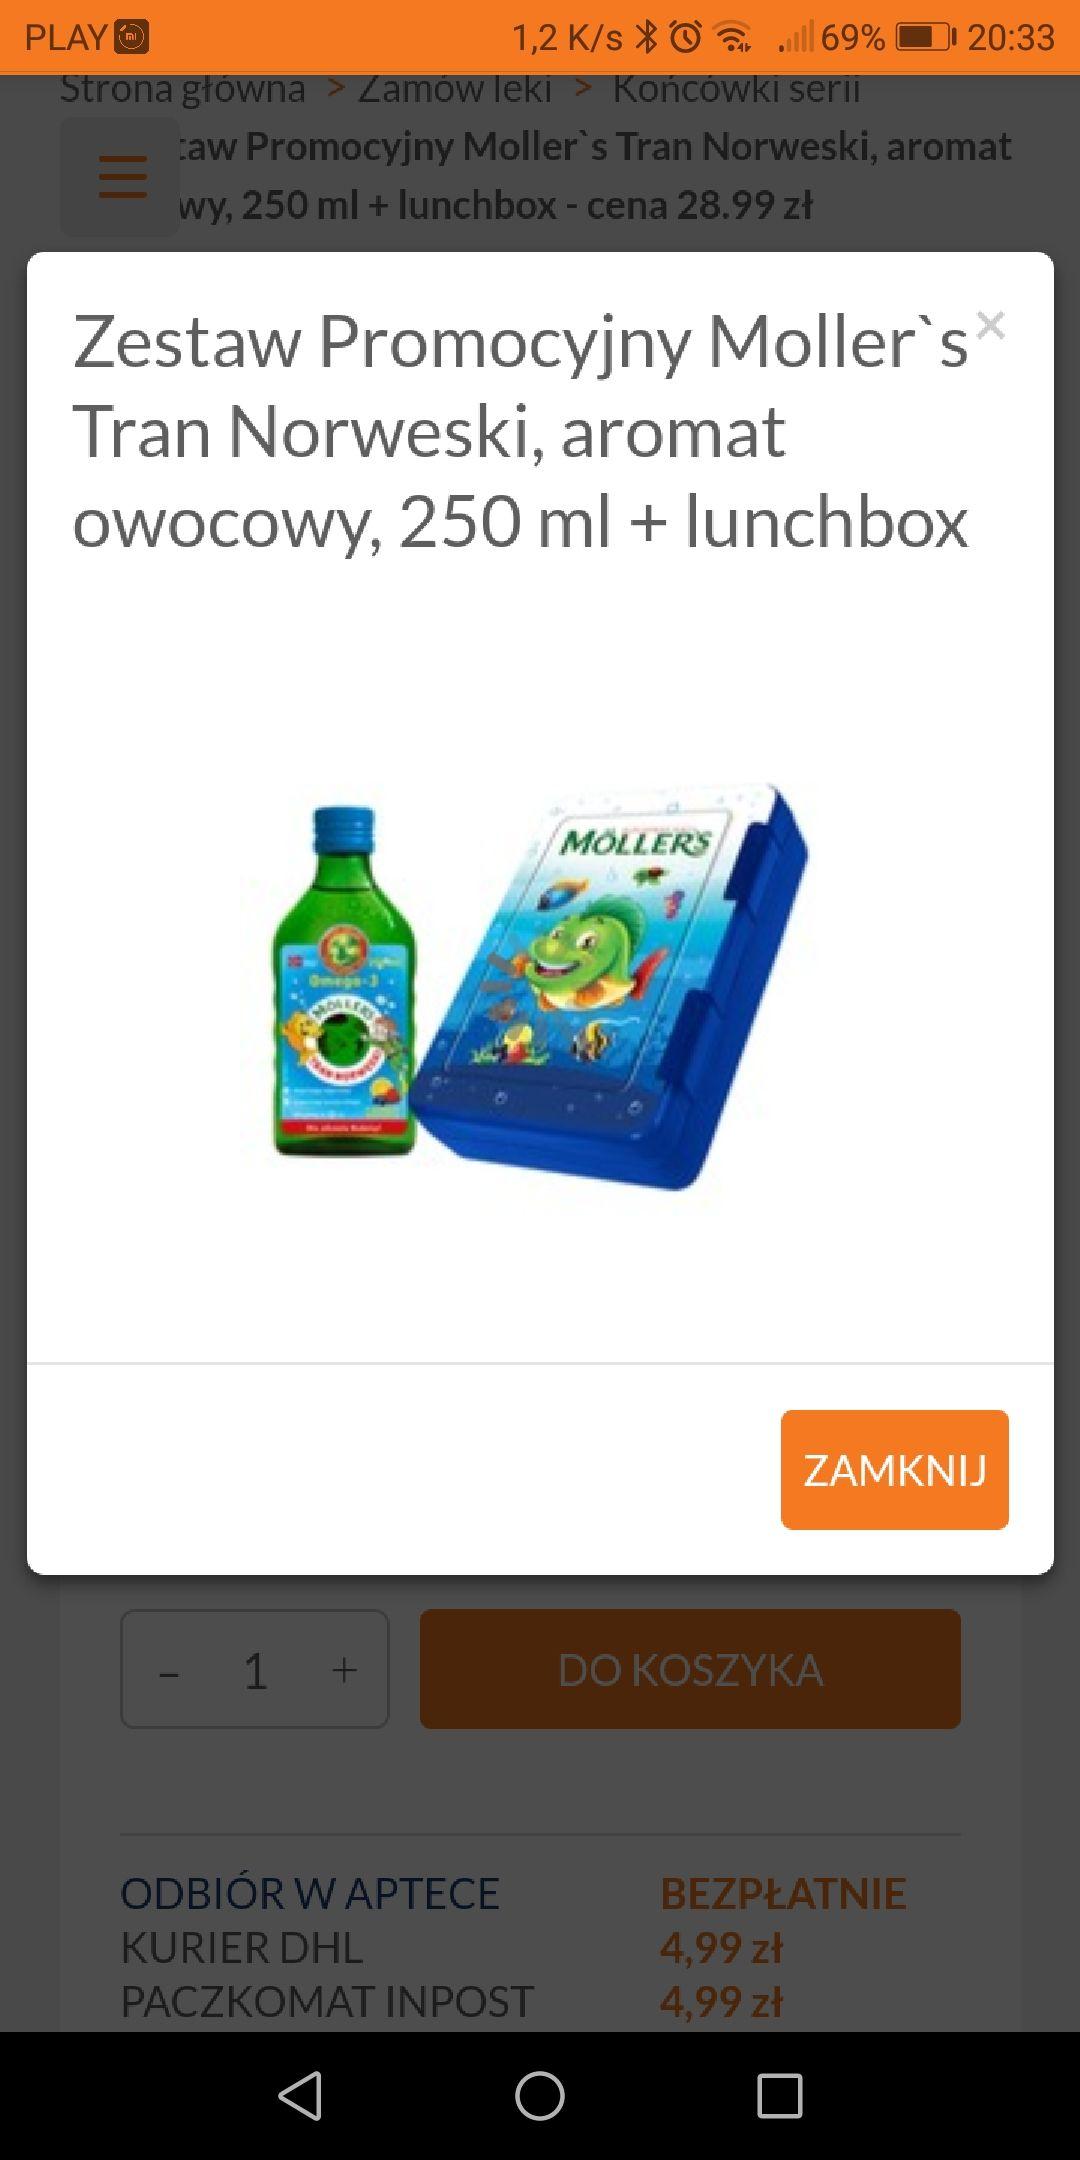 Zestaw Promocyjny Moller`s Tran Norweski, aromat owocowy, 250 ml + lunchbox